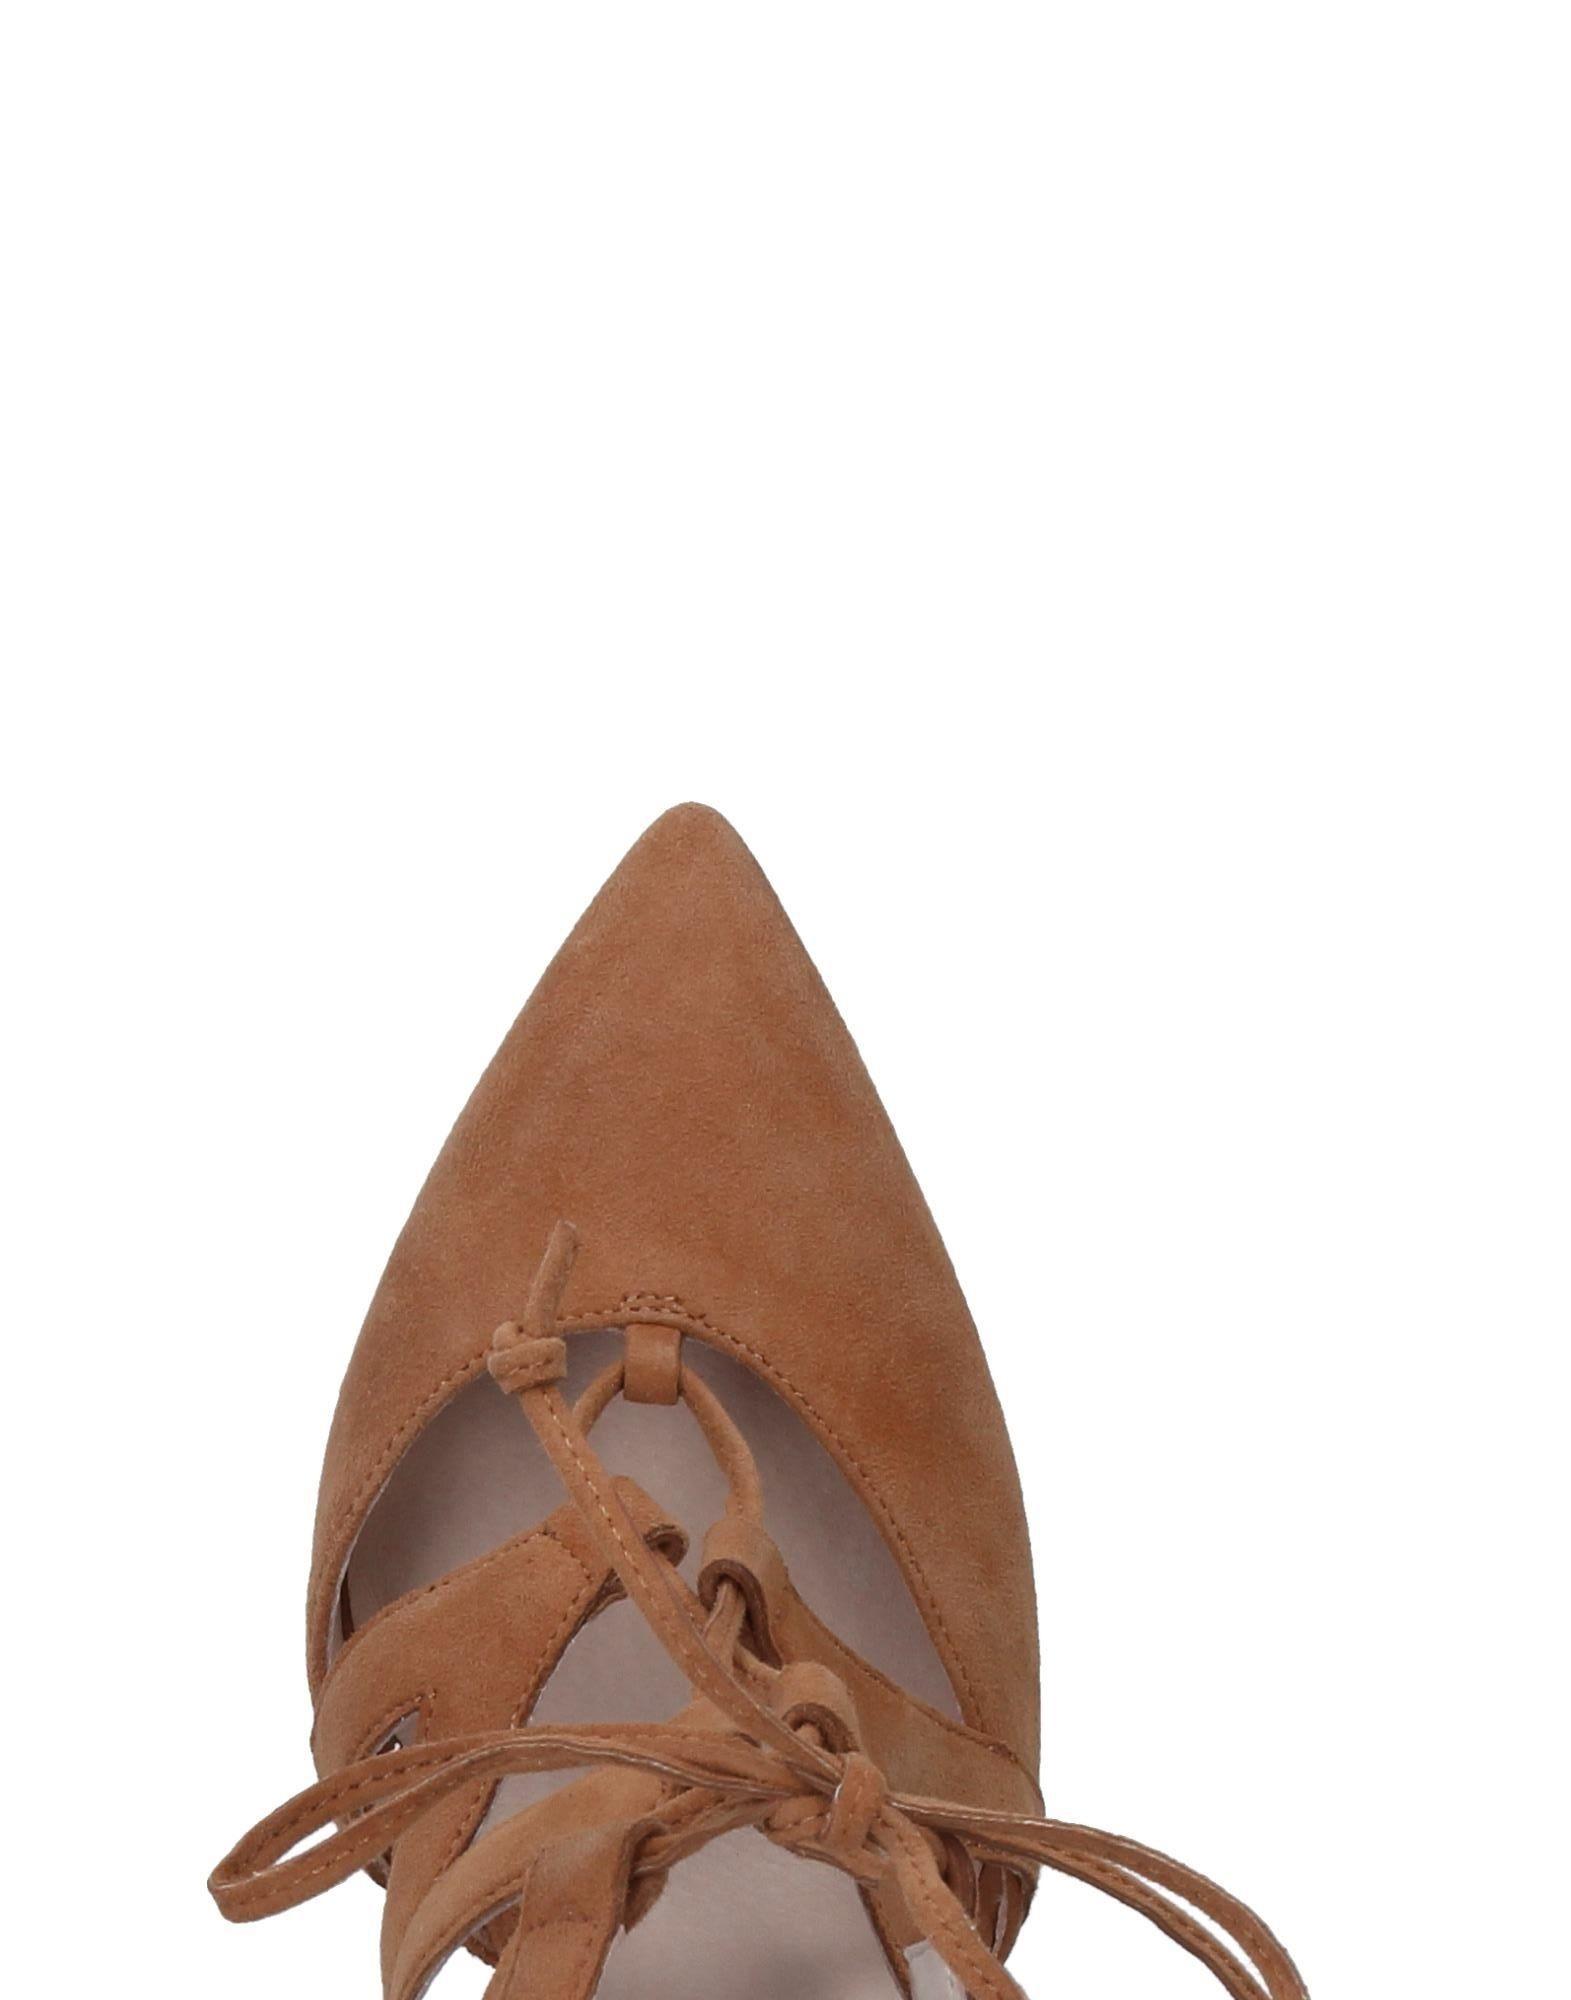 Sandales Liu •Jo Shoes Femme - Sandales Liu •Jo Shoes sur